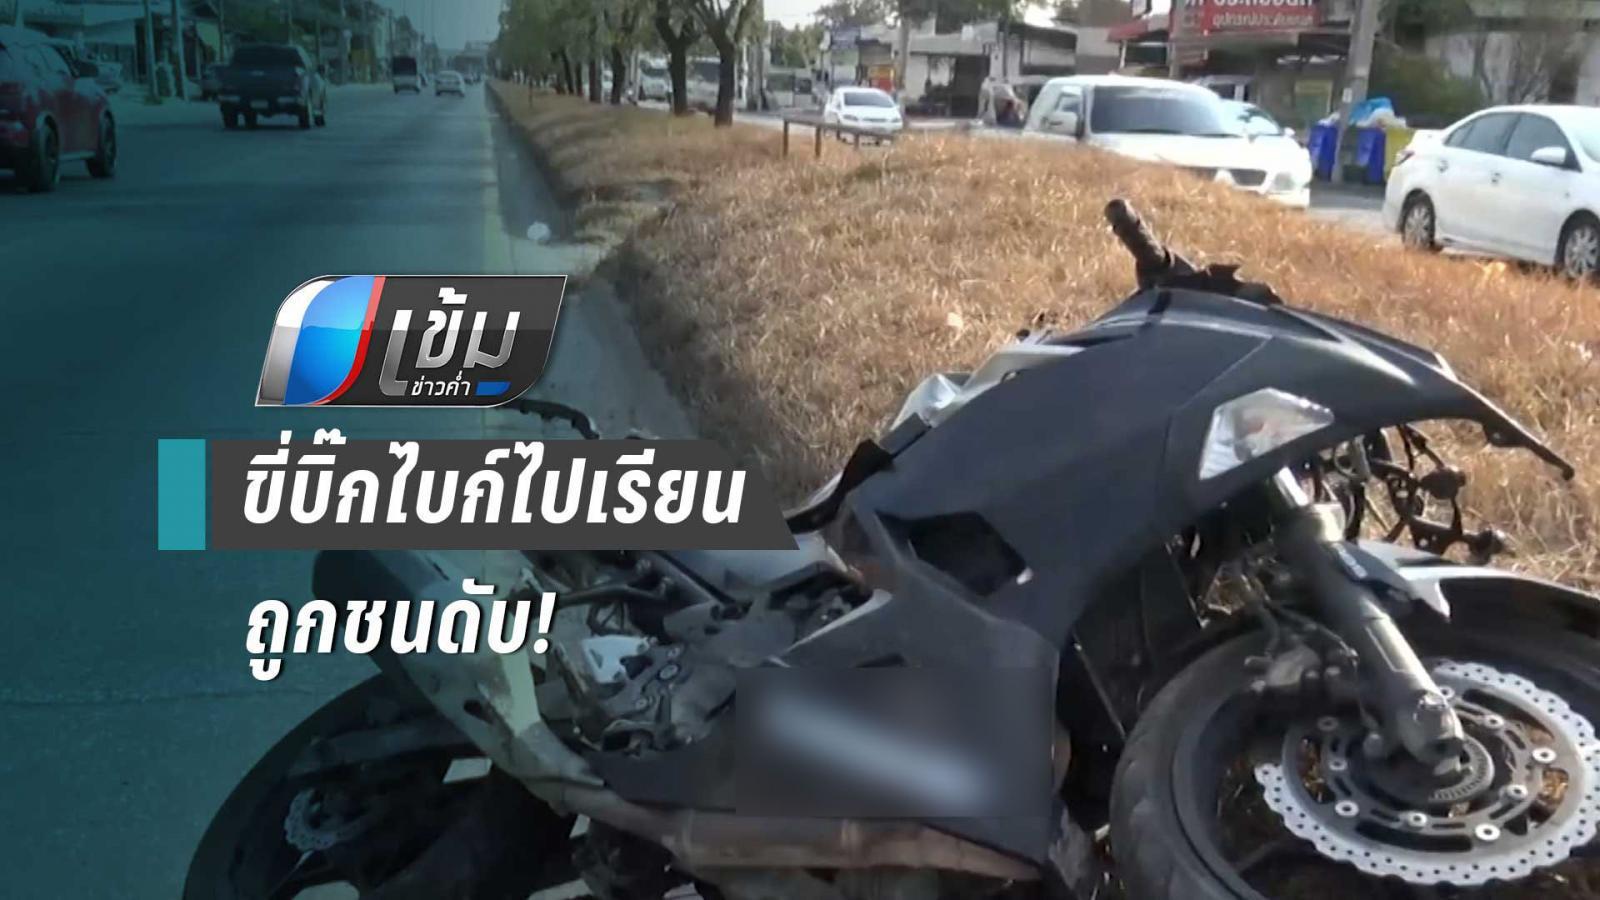 นักศึกษาขี่บิ๊กไบก์ถูกชนเสียชีวิต ส่วนคู่กรณีขับรถหลบหนี